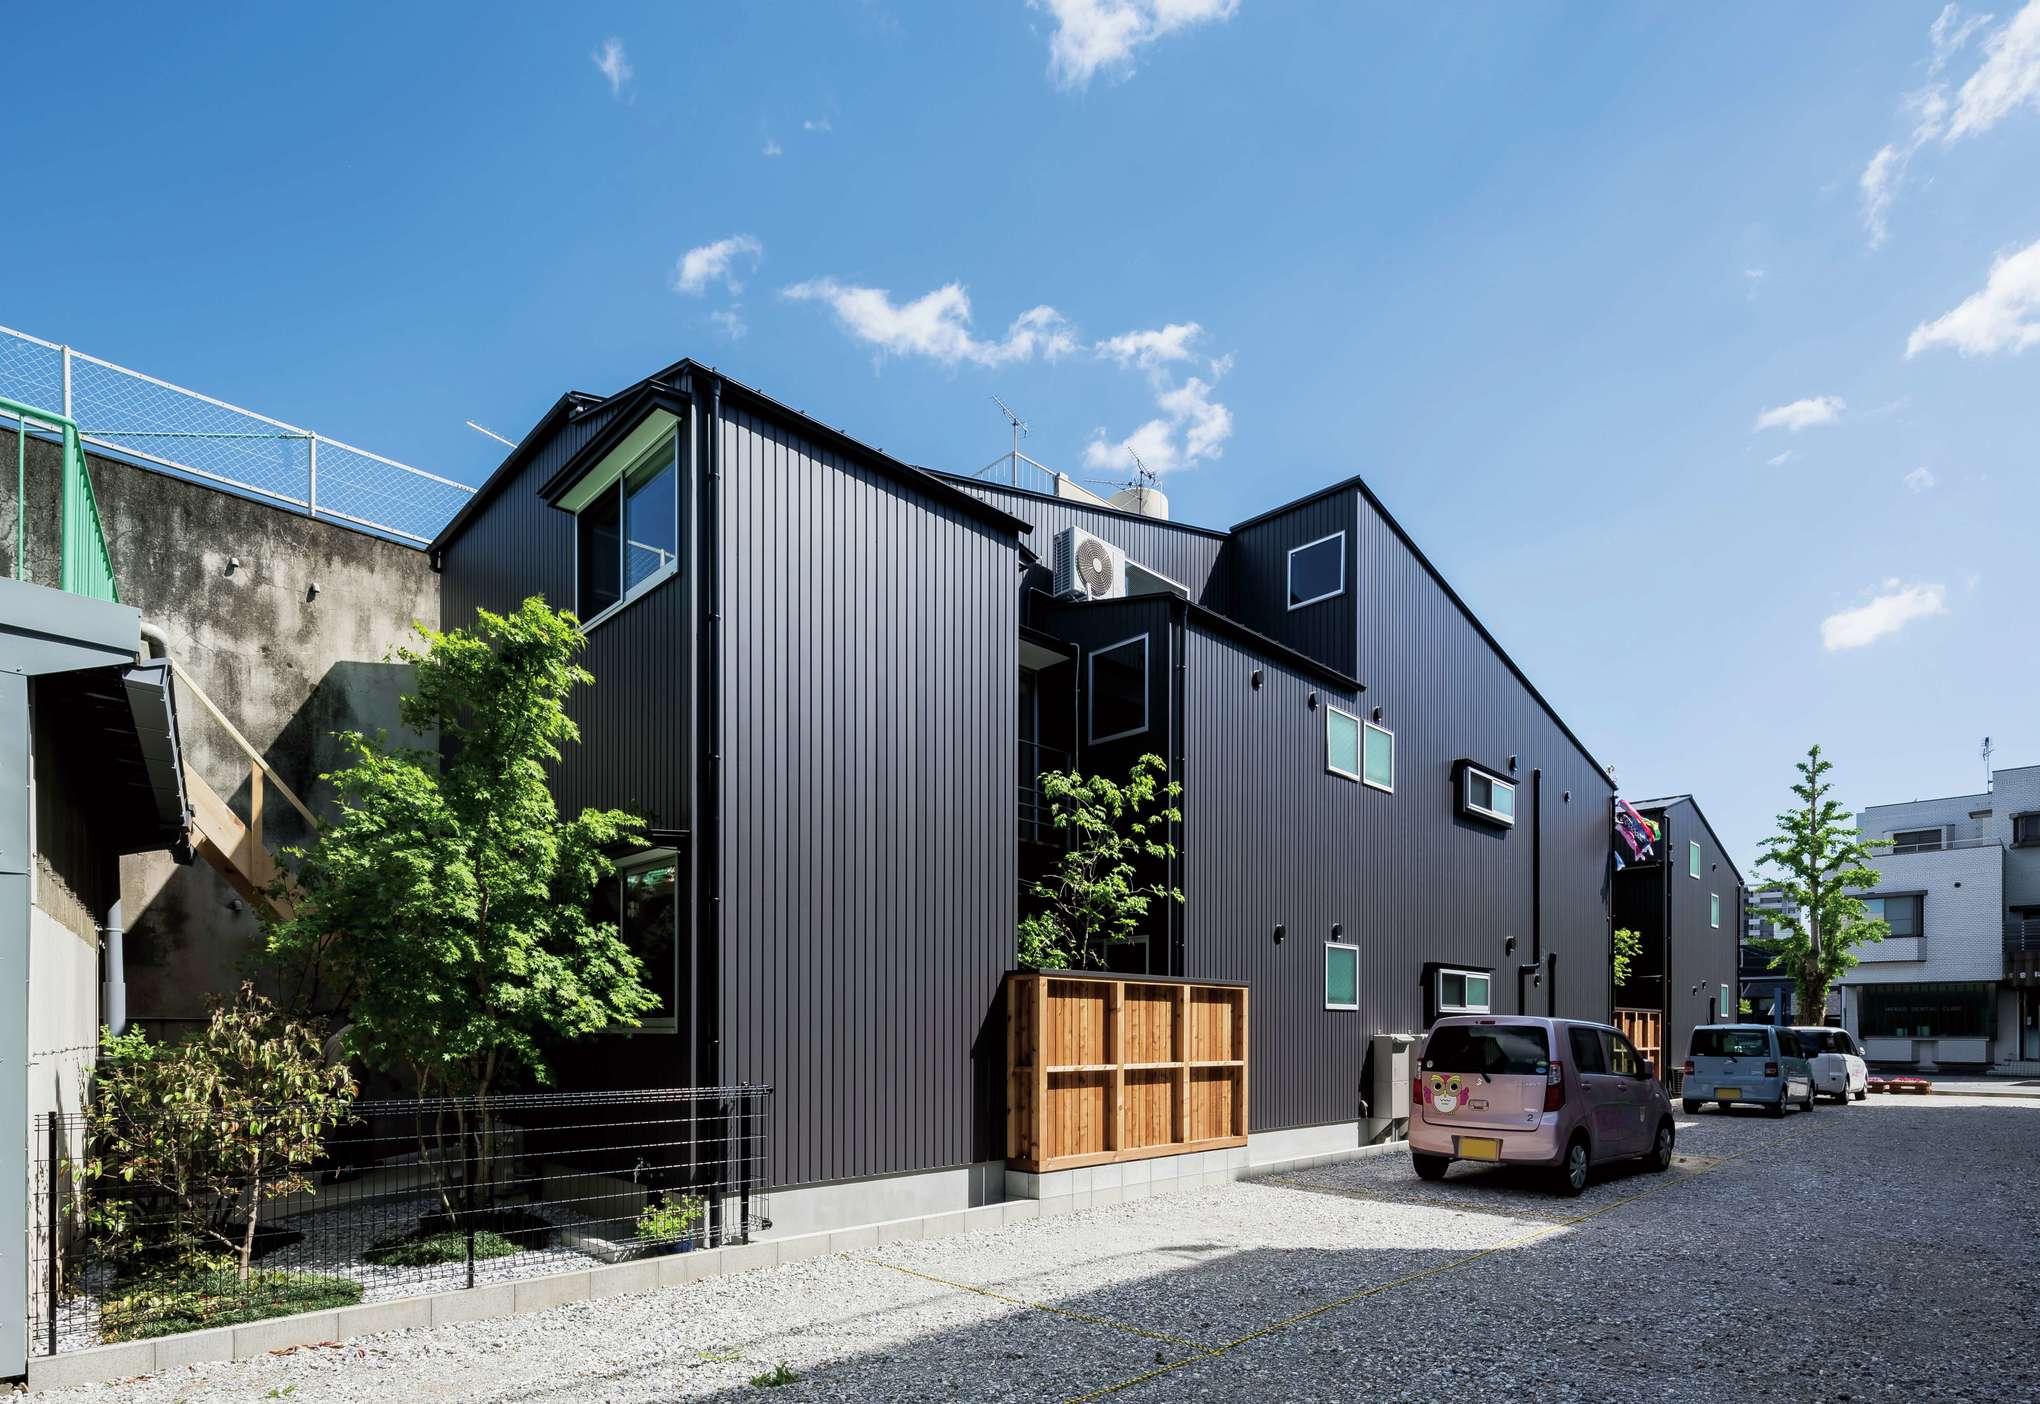 鰻の寝床のように細長い敷地に合わせてプランニングされたスタイリッシュな外観デザイン